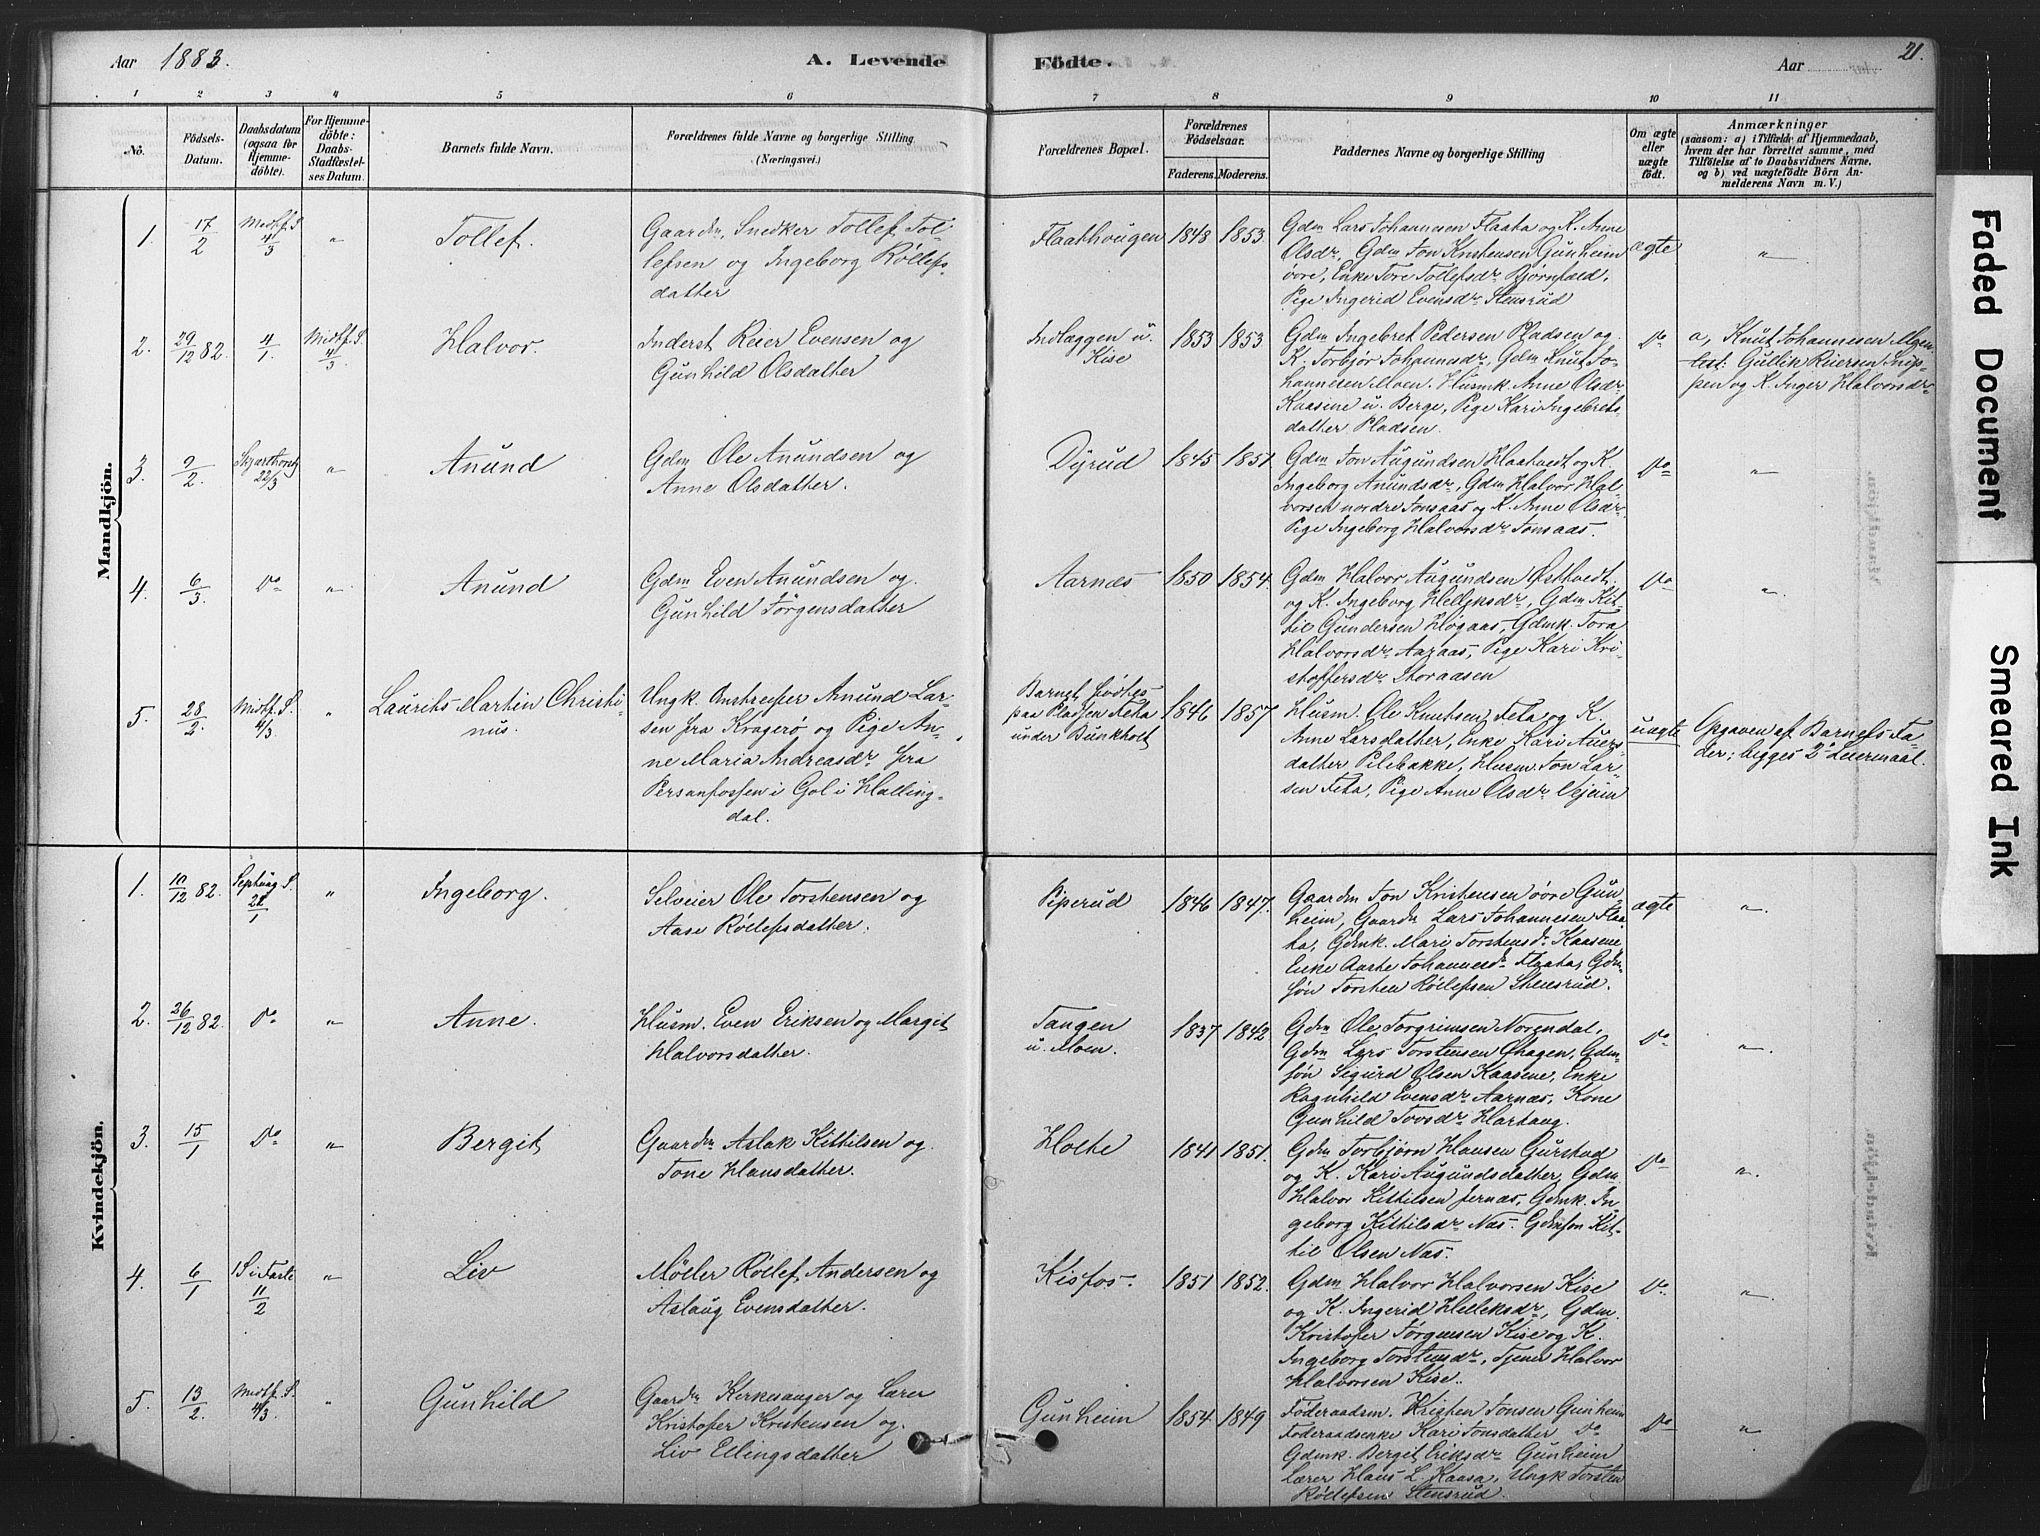 SAKO, Sauherad kirkebøker, F/Fb/L0002: Ministerialbok nr. II 2, 1878-1901, s. 21